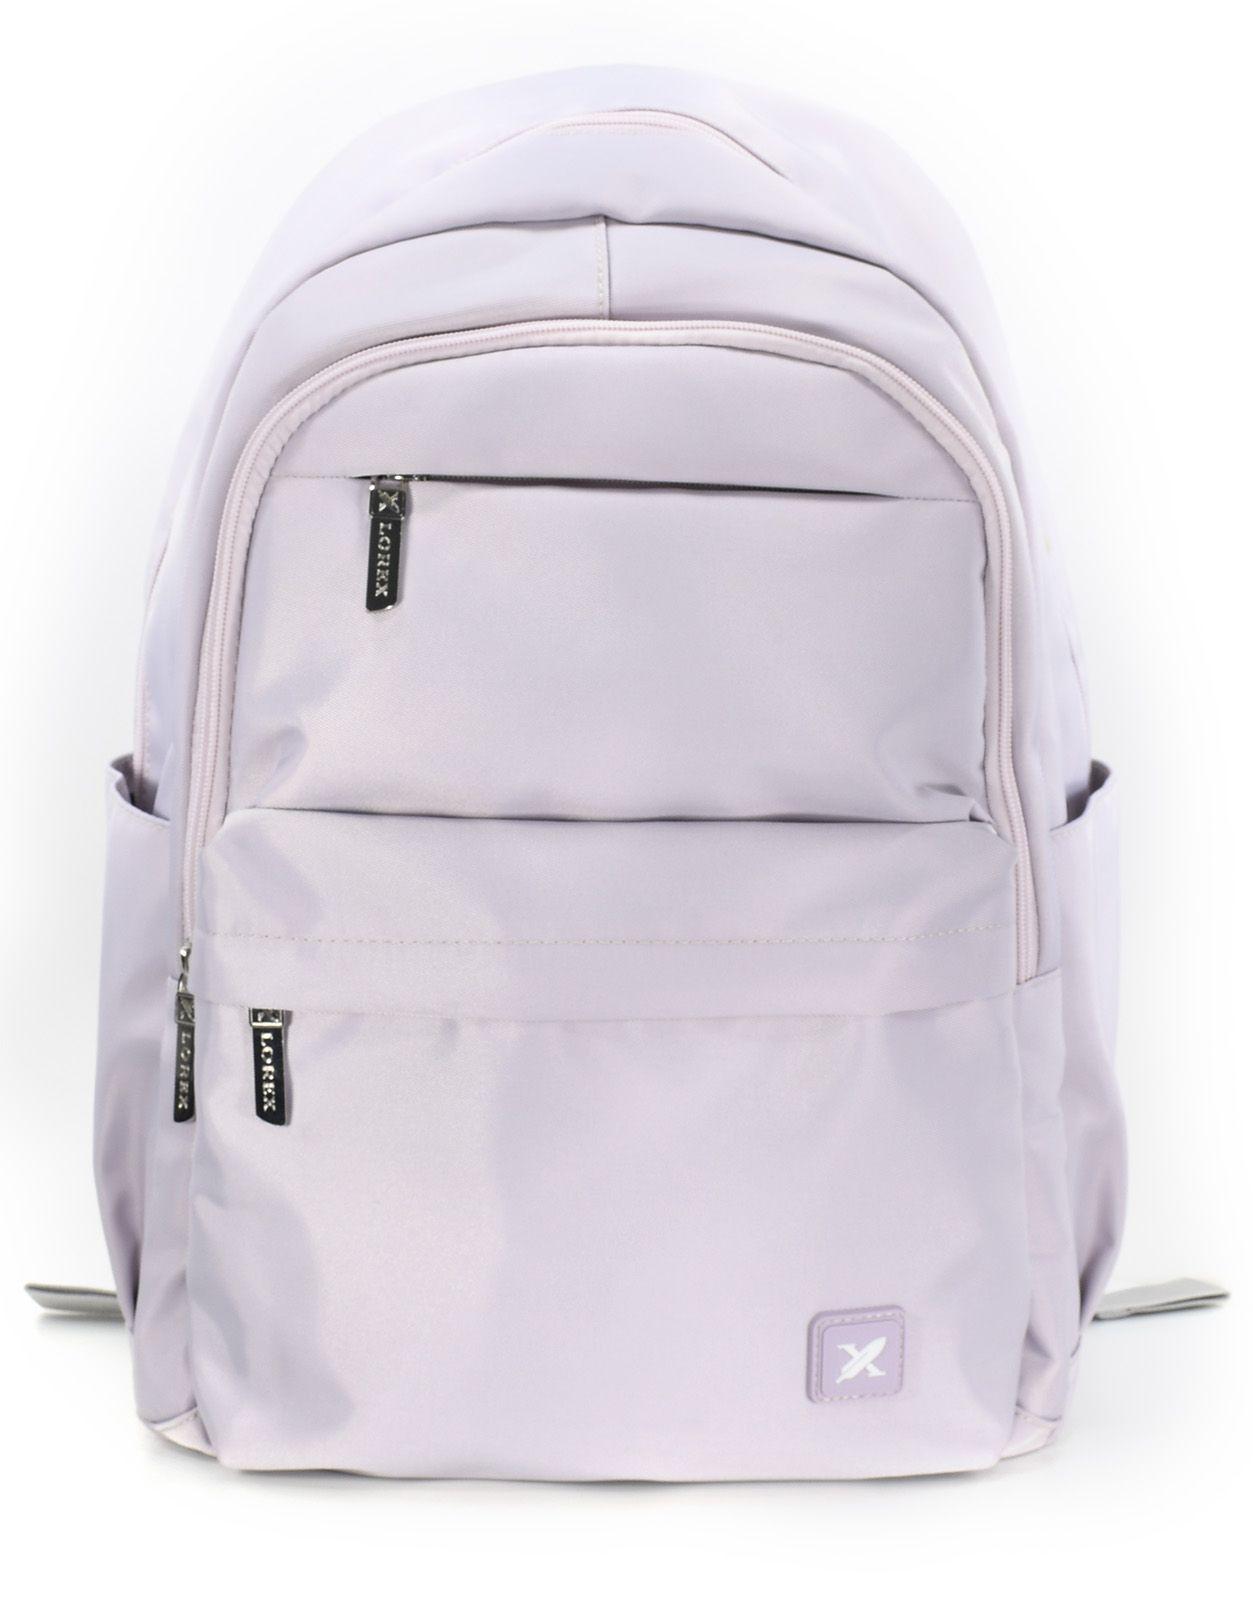 Рюкзак LOREX DUST FLOWER, модель ERGONOMIC M11, мягкий, односекционный, 42x36x15 см, 22 л, розовый, женский